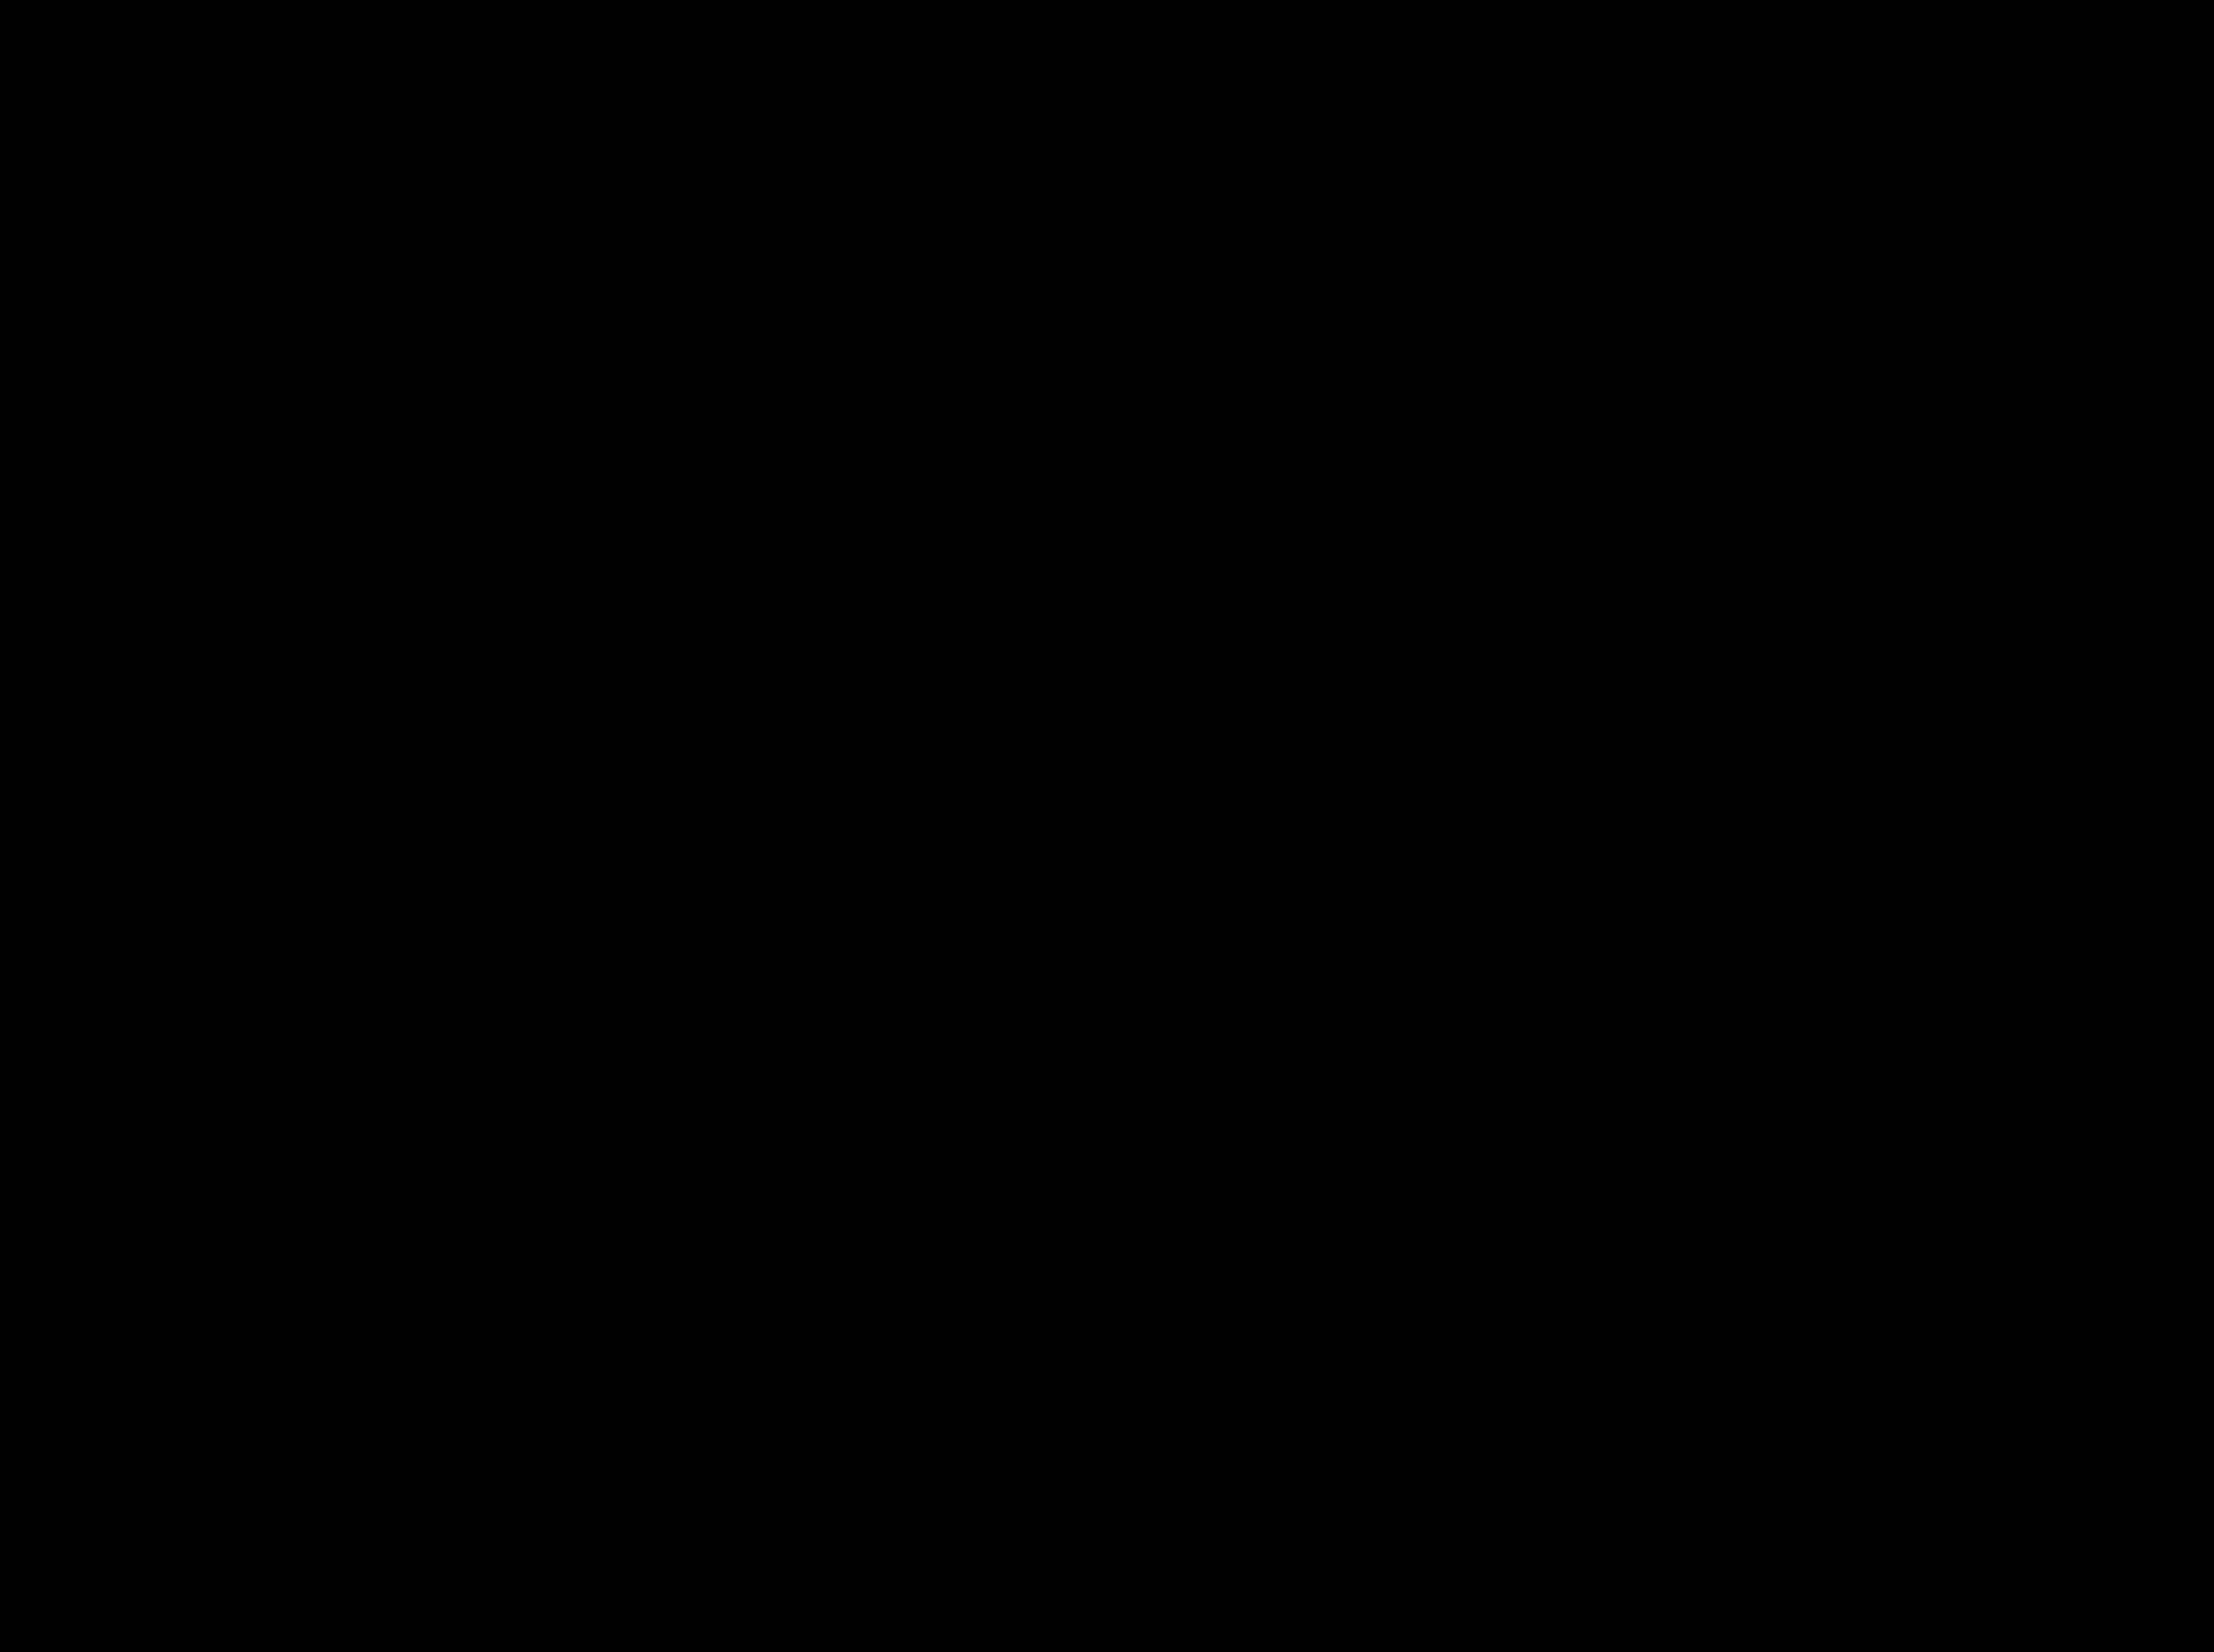 Splatter PNG - 20001